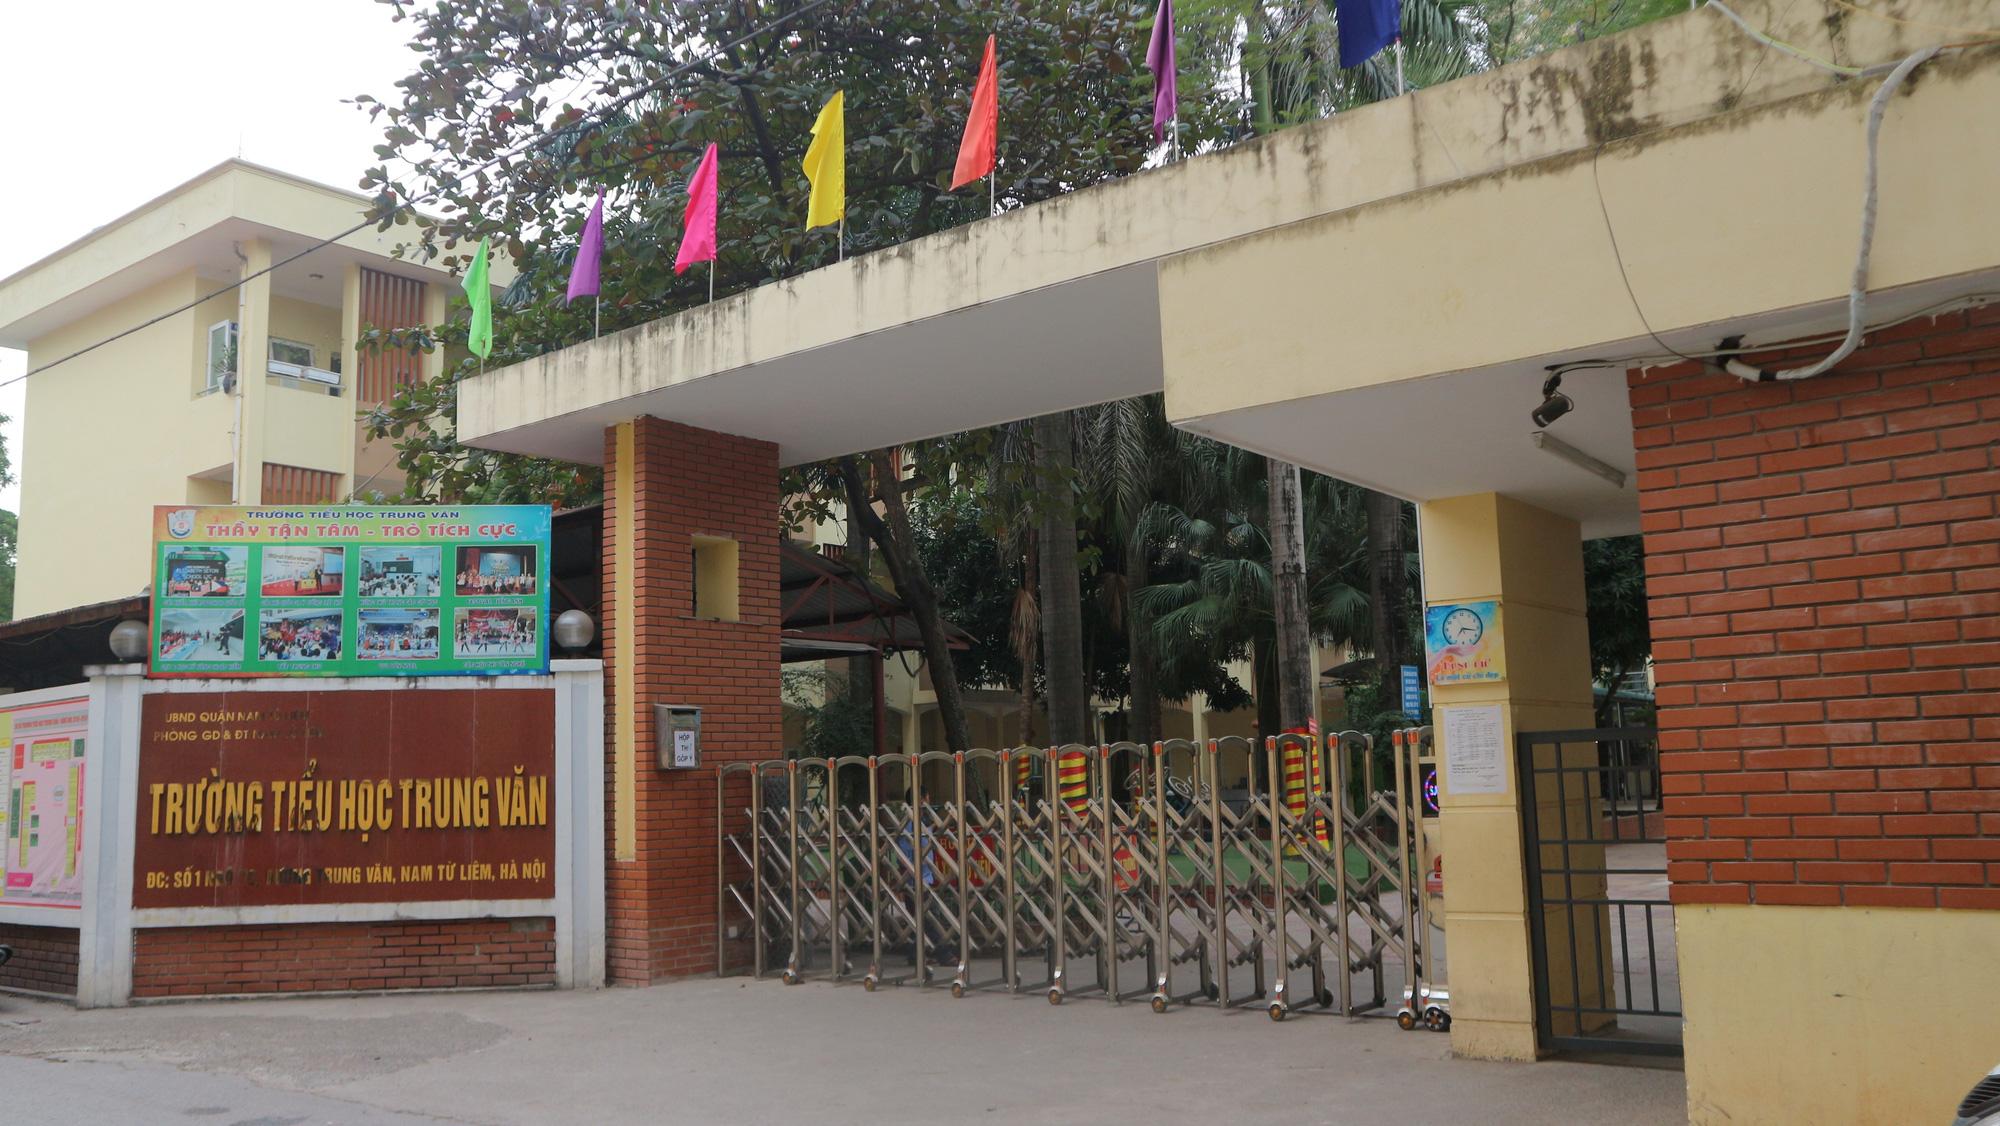 Xử lý nghiêm giáo viên bị tố bạo hành học sinh lớp 2, báo cáo trước ngày 3/1 - Ảnh 1.